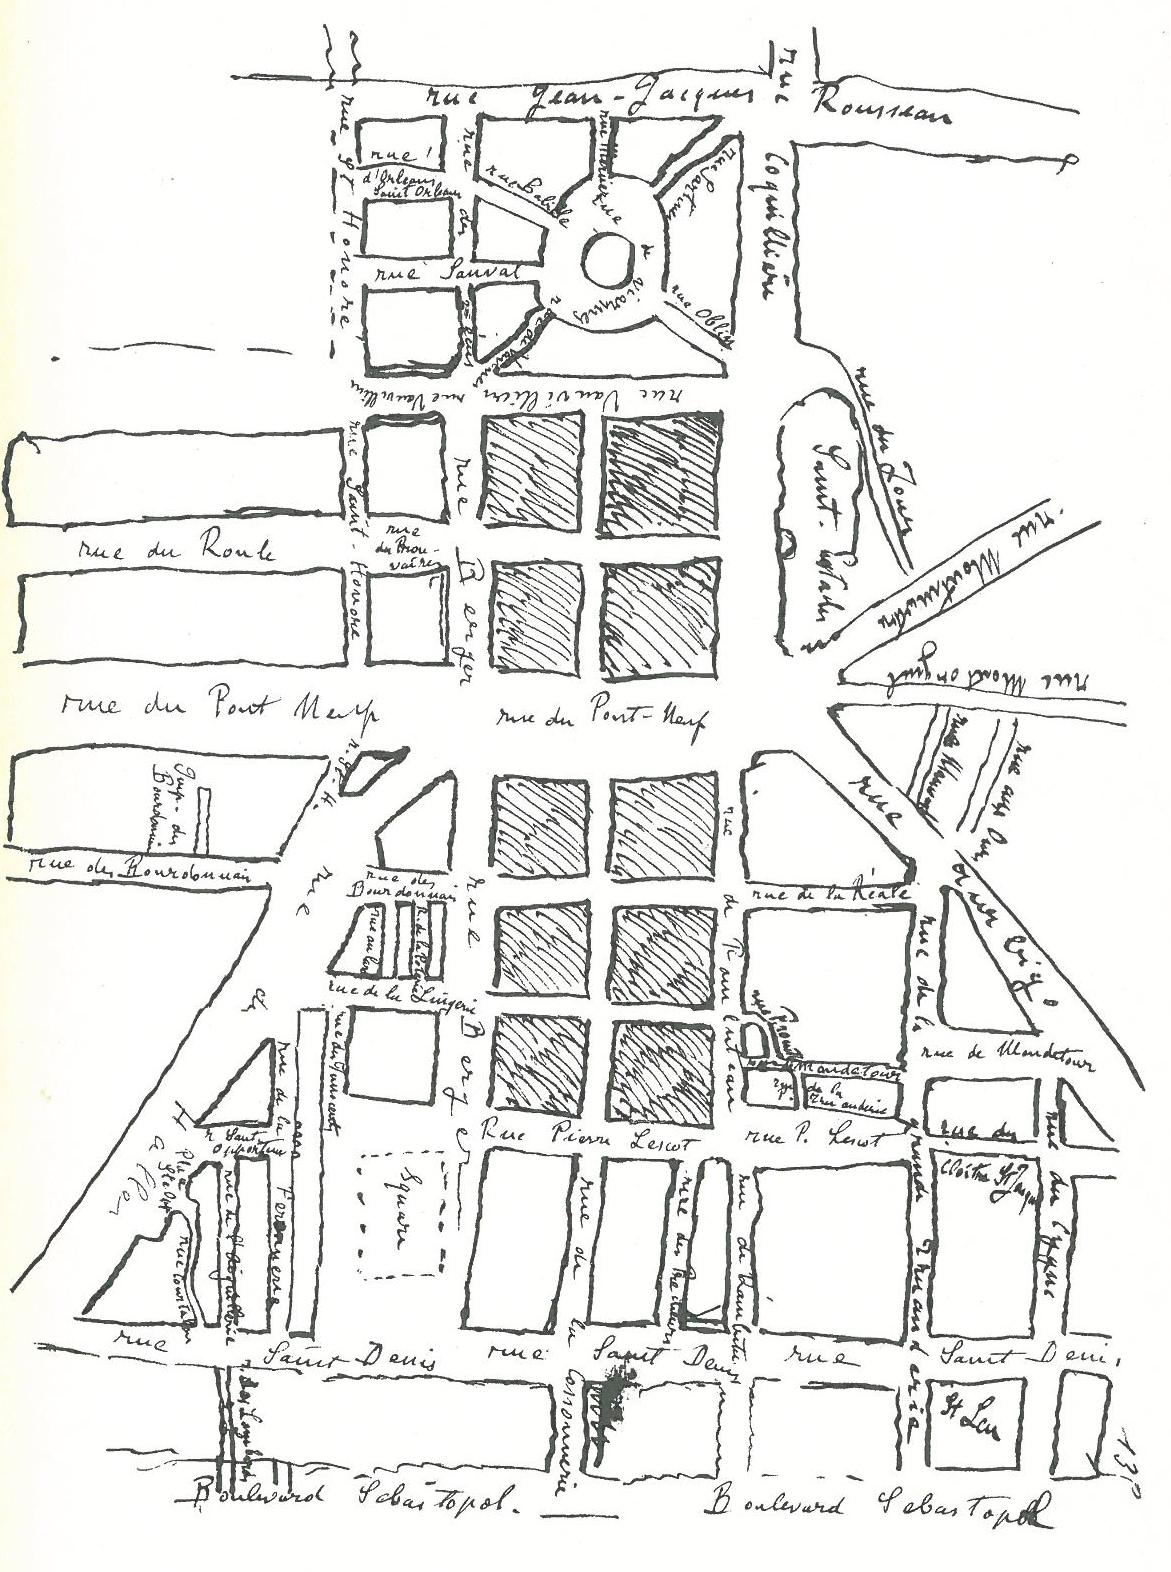 """Image - <em>Le Ventre de Paris</em> – Les Maigres et les Gras dans les Halles de Baltard"""" /></a></p> </div><h3>Commentaires</h3><p>Comme l'écrit Zola au début de l'Ebauche, «l'idée générale est: le ventre». Pour planter au cœur de Paris «les Halles où la nourriture afflue, s'entasse pour rayonner sur les quartiers divers», le romancier a utilisé de nombreux croquis des lieux dessinés à des échelles différentes, depuis la topographie détaillée de la halle aux poissons jusqu'au plan général du quartier, en passant par la cartographie des pavillons alignés géométriquement. A chaque dessin correspondent des stratégies de composition descriptive et narrative: une scène à faire, comme telle altercation entre une marchande et un inspecteur, ou un parcours à jalonner, comme cette promenade inaugurale du peintre Claude Lantier et de Florent, le bagnard évadé et affamé, en quête de son frère Quenu, richement installé dans sa charcuterie rutilante. Au début de l'année 1872, Zola effectue un reportage minutieux dans le ventre des Halles, de jour comme de nuit, par pluie comme par beau temps, de l'aube au crépuscule, crayon à la main. Il dessine alors ce plan général des Halles, à la fois cadré et centré, qui met en relief les deux grands carrefours en vis-à-vis qui emmurent Florent au chapitre I. En plus des fonctions descriptives et narratives, le croquis sert à construire l'échiquier des positions qui distribue les fronts de guerre, à partir de la rue Pirouette, où loge la terrible Mlle Saget, vieille fille qui tient les fils des cancans et des dénonciations qui planent sur le quartier. Ainsi, le terrain de bataille oppose-t-il les Gras, les Maigres, les transfuges et les déclassés qui migrent d'une catégorie à l'autre, selon un renversement carnavalesque qui nourrit la satire féroce de Zola contre l'honnêteté repue et hypocrite de la bourgeoisie commerçante.</p><h3>Auteur</h3><p>Emile Zola</p><h3>Date</h3><p>1872</p><h3>Origine</h3><p><em>Le Ventre de Paris</em>, BnF, Mss, N"""